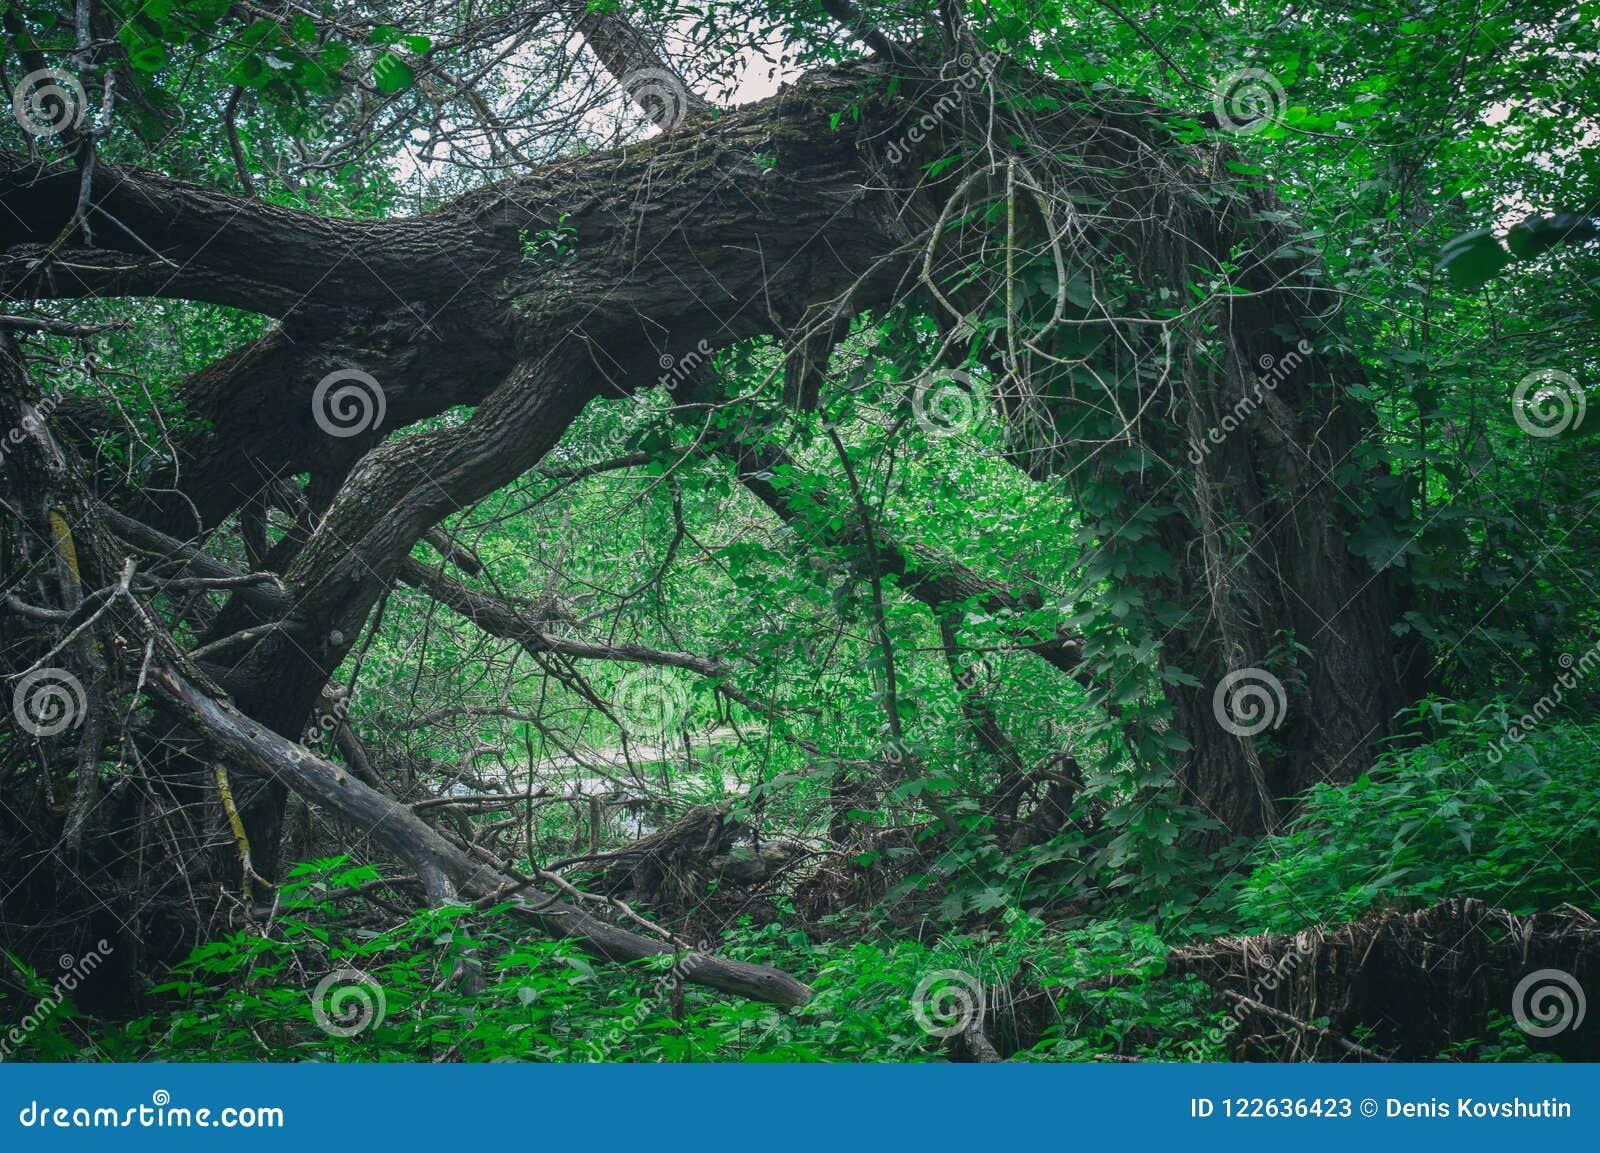 Anormaler erschreckender furchtsamer gefallener großer Baum in einem dichten Wald in Form eines Tors Einstiegstür zum dunklen Wal